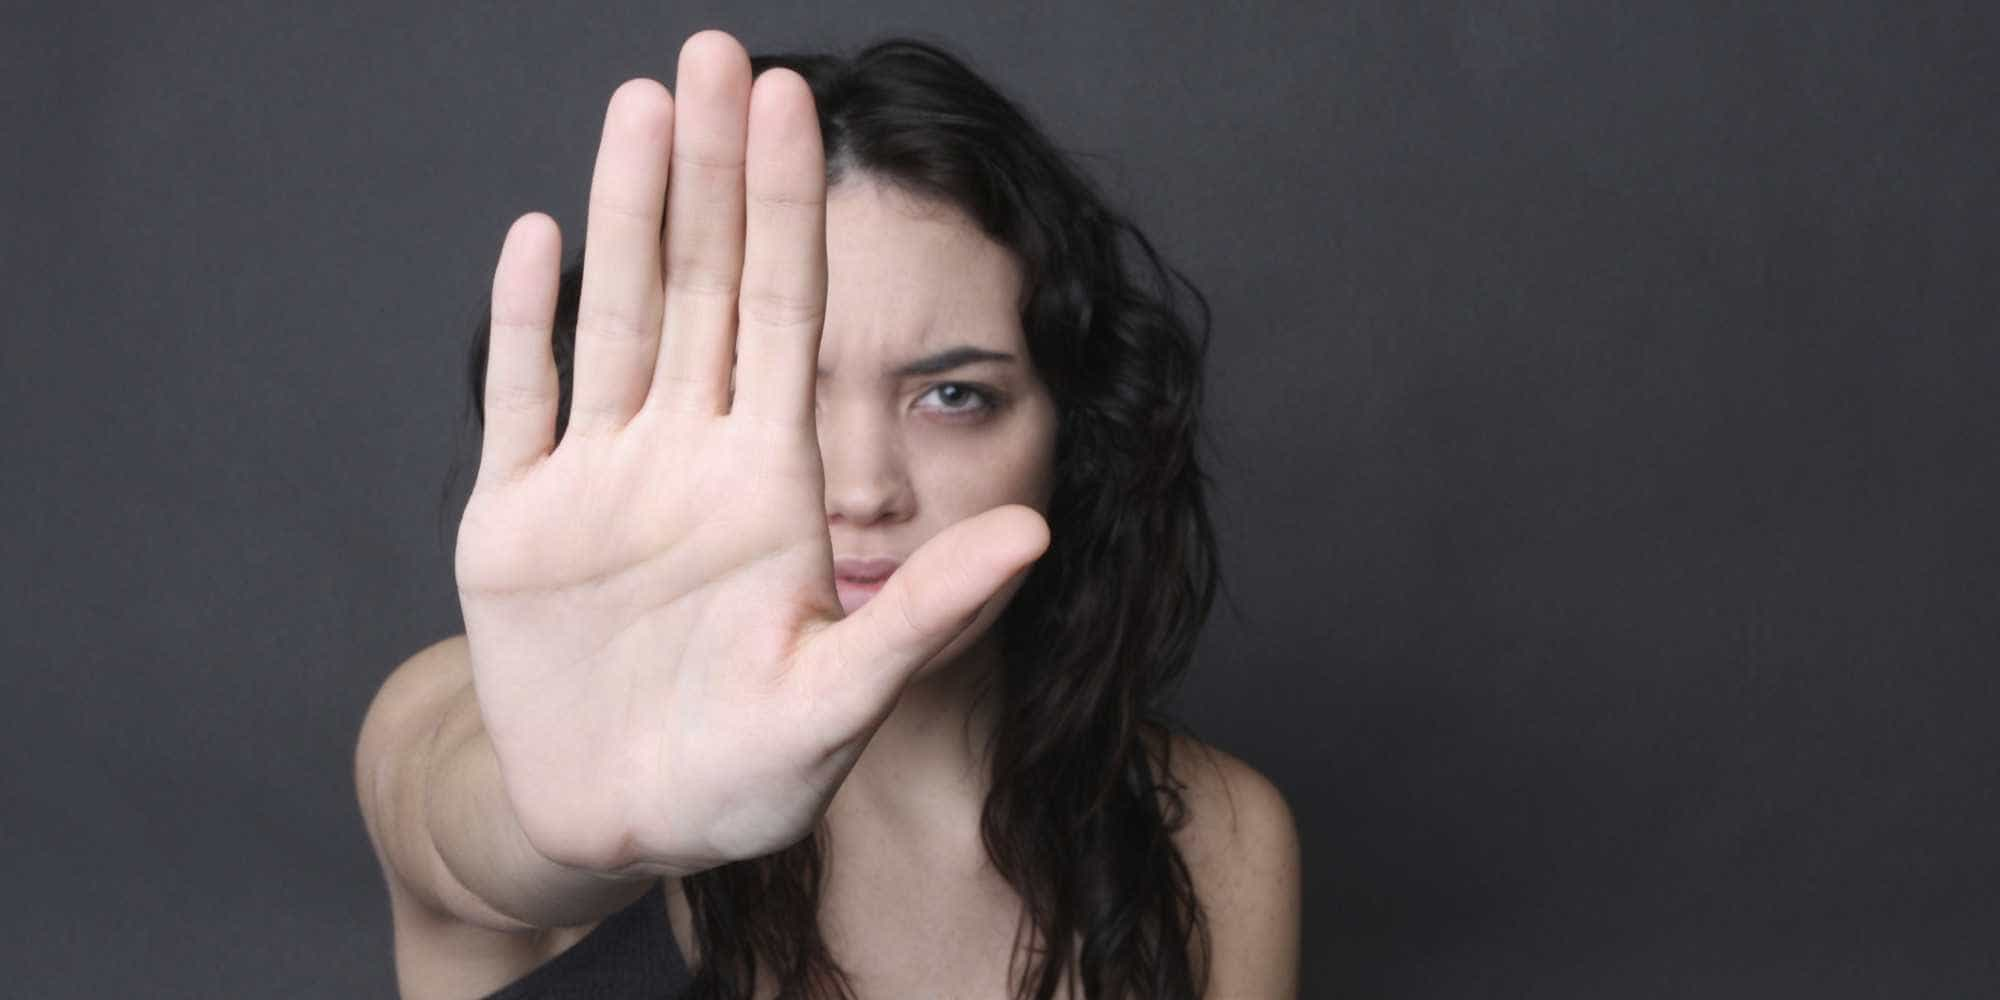 Denúncias na web de violência contra a mulher crescem 1.640% em 2018